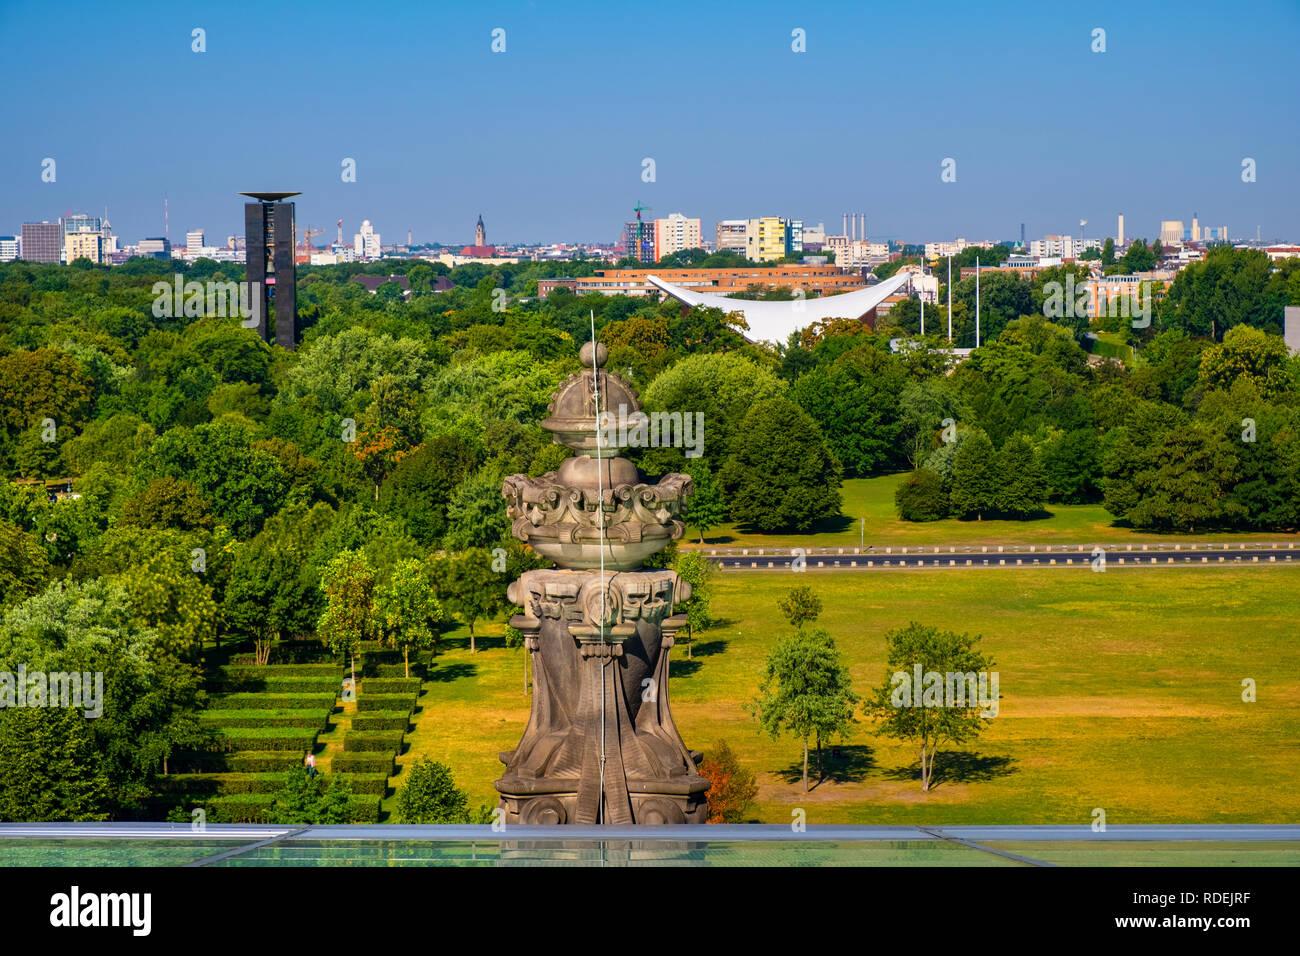 Berlin, Berlin/Deutschland - 2018/07/31: Panoramablick auf die GROSER Tiergarten mit modernen Haus der Kulturen der Welt Stockbild